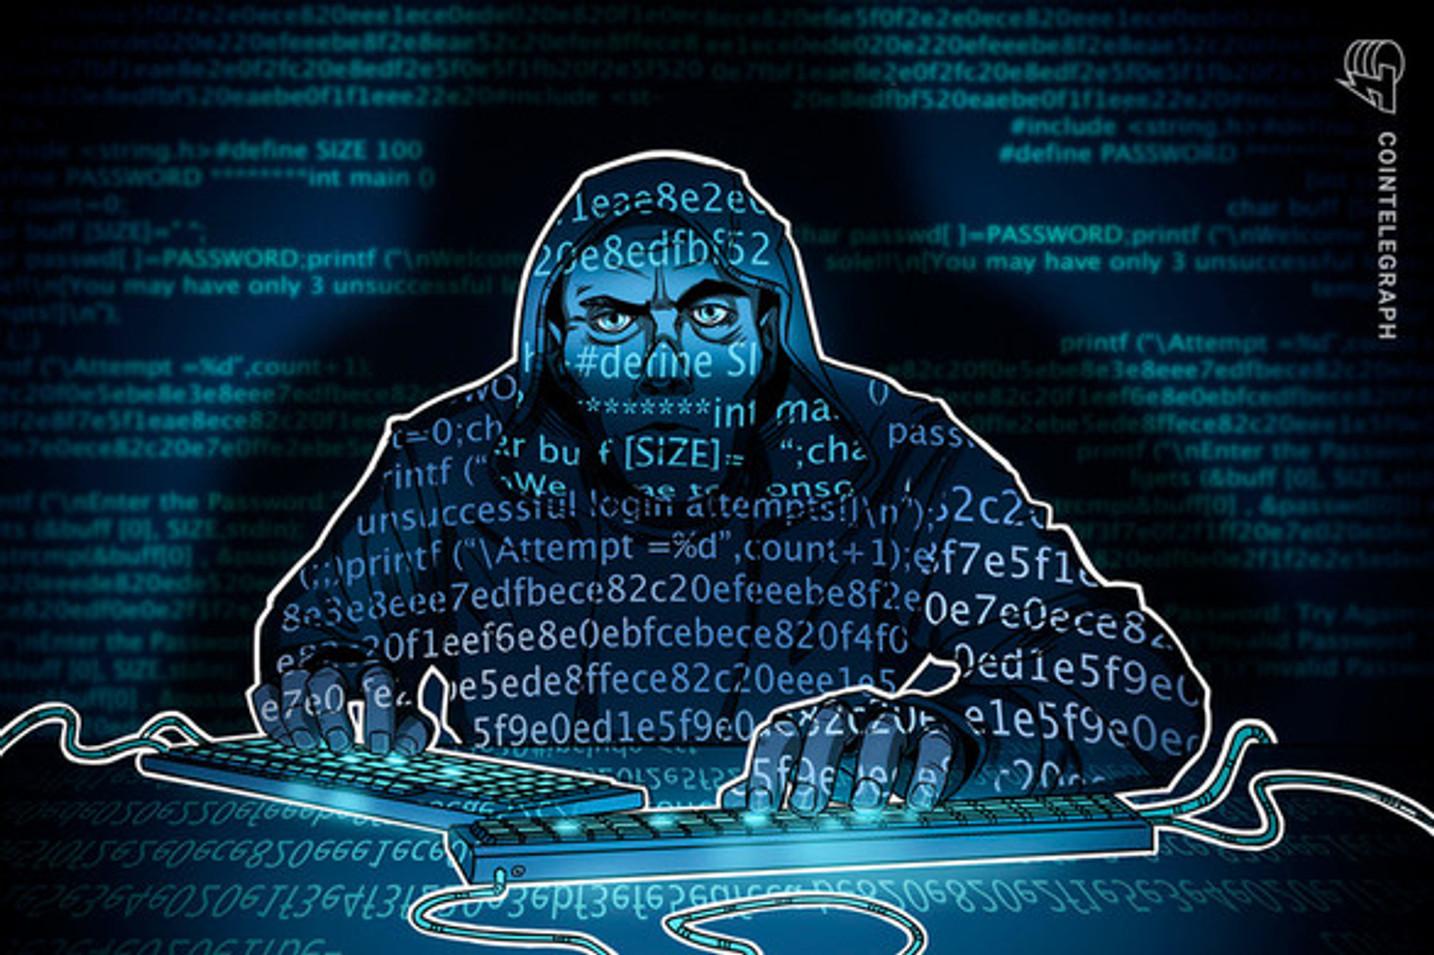 Autoridades de diversos países atuam para desmontar o malware 'mais perigoso do mundo'